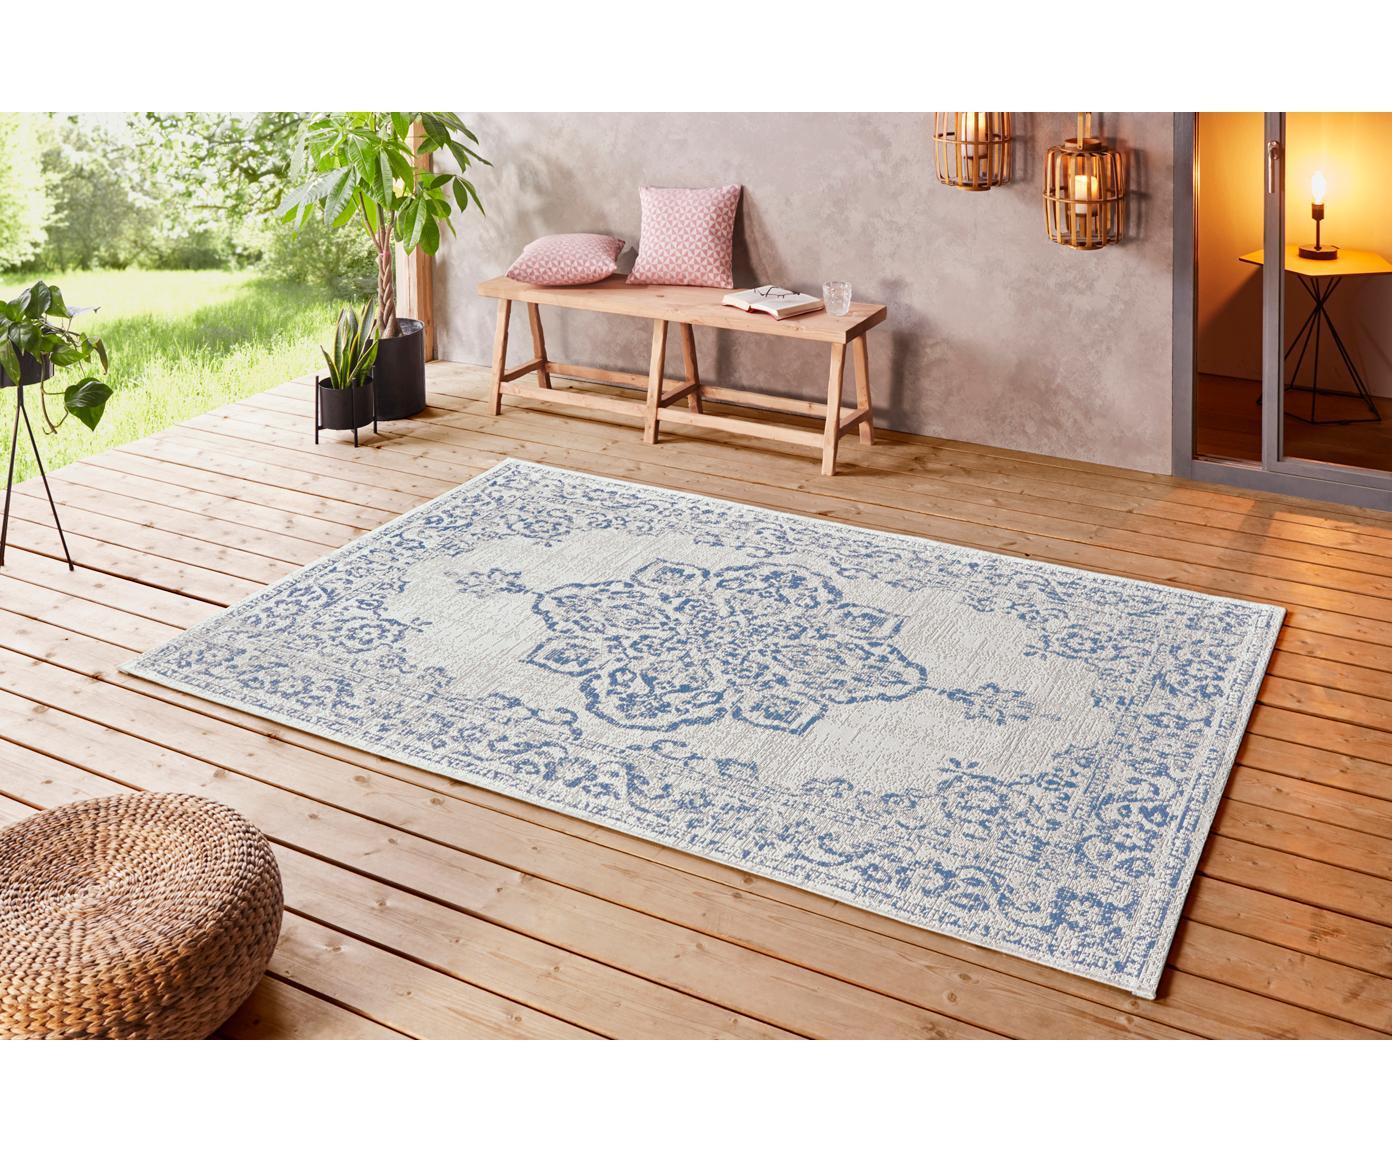 In- & Outdoor-Teppich Navarino Blue im Vintage Look, 100% Polypropylen, Cremefarben, Blau, B 120 x L 170 cm (Größe S)